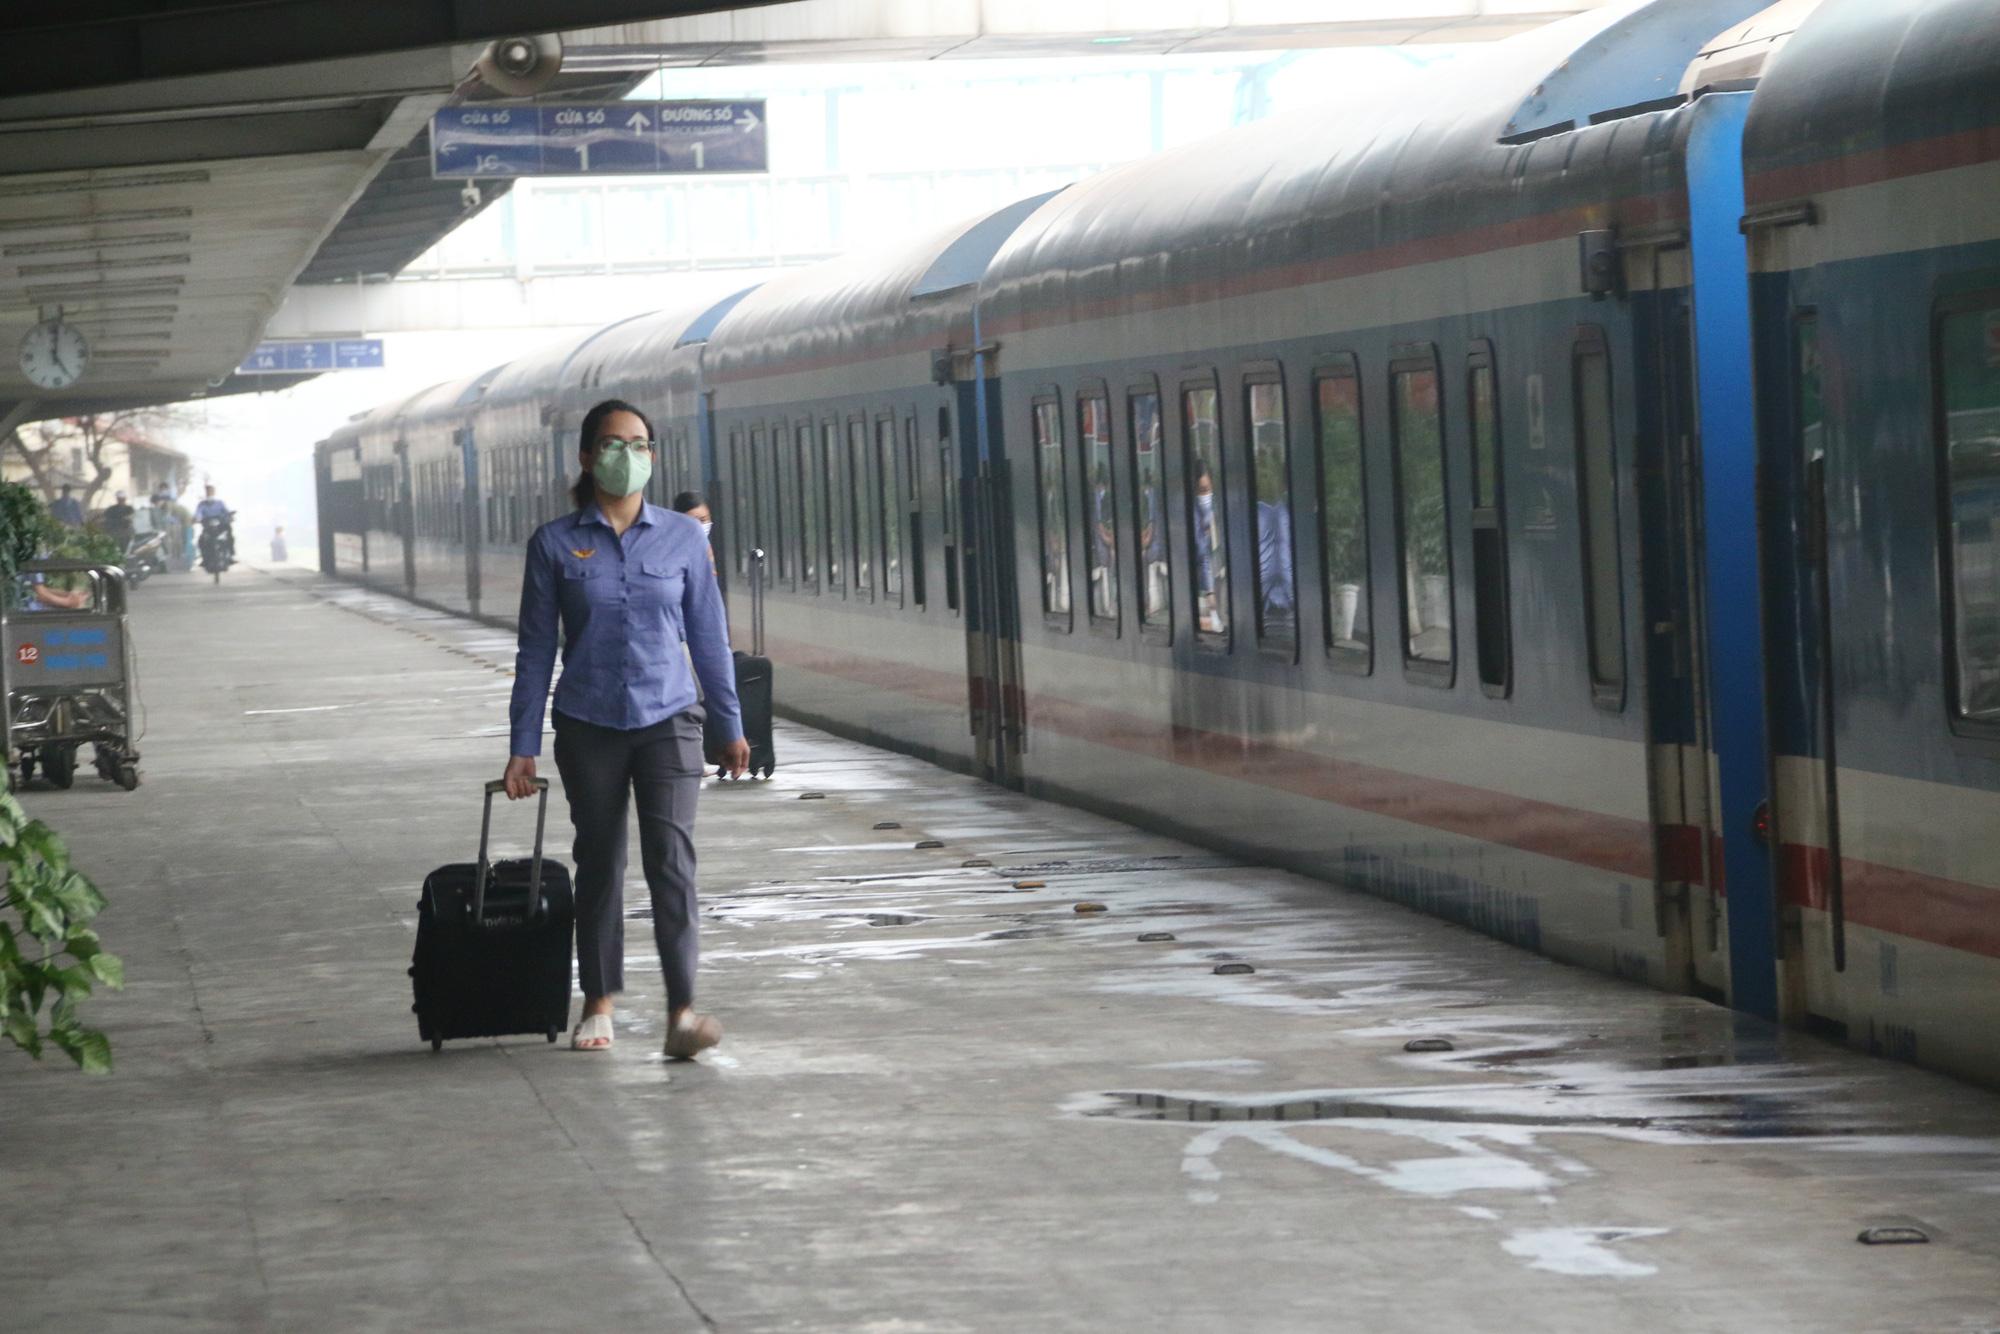 Cảnh vắng lặng ở ga tàu, bến xe Hà Nội: Nhiều chuyến xe rời bến chỉ mình tài xế, không hành khách - Ảnh 13.